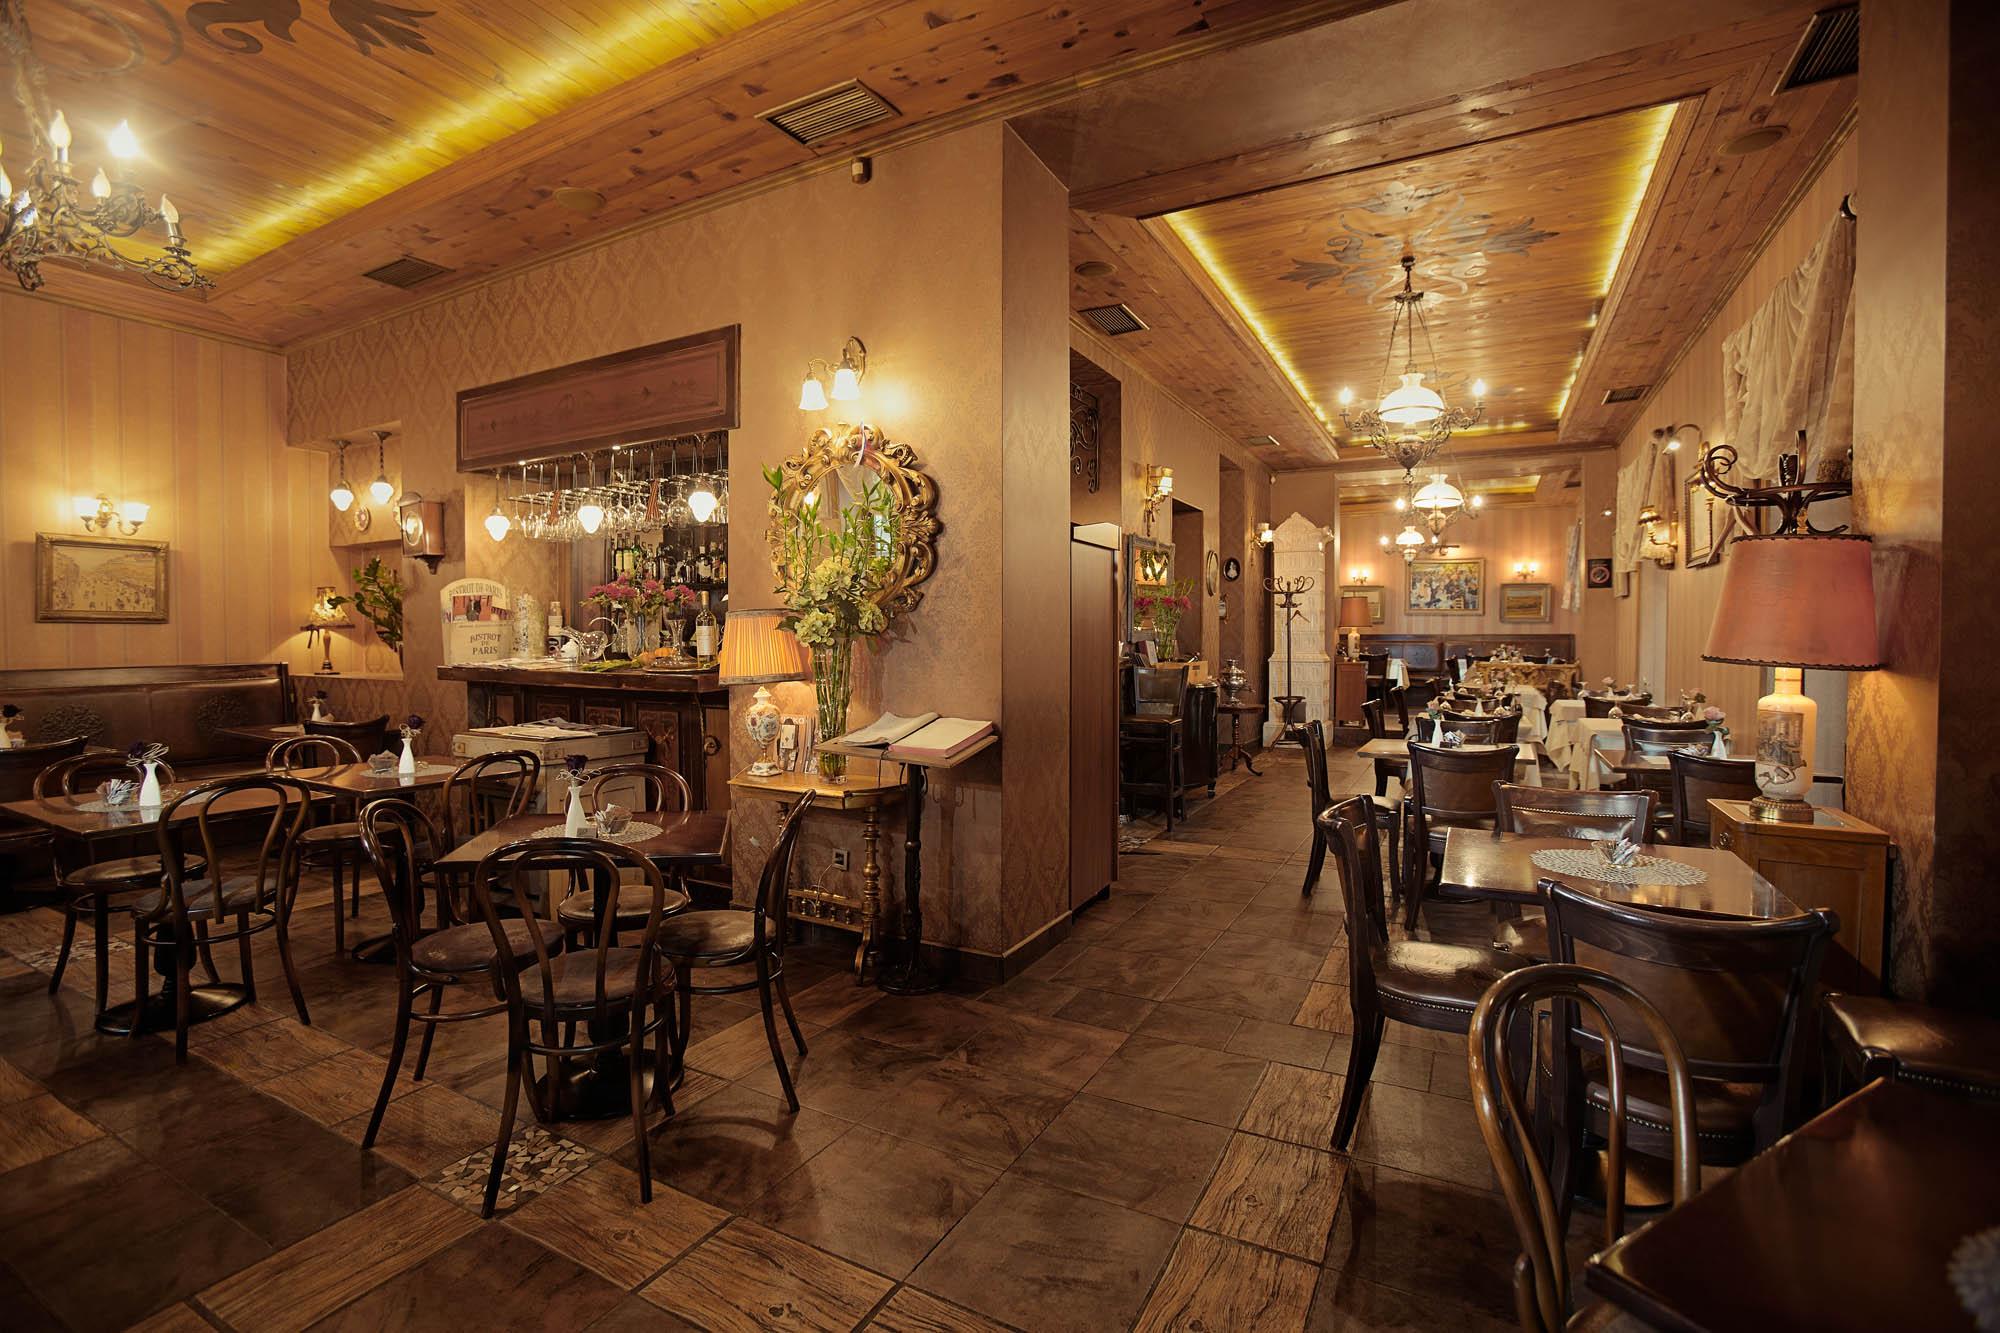 mali pariz, restoran, beograd, mirko nahmijas, pecatipotpis, pecat i potpis